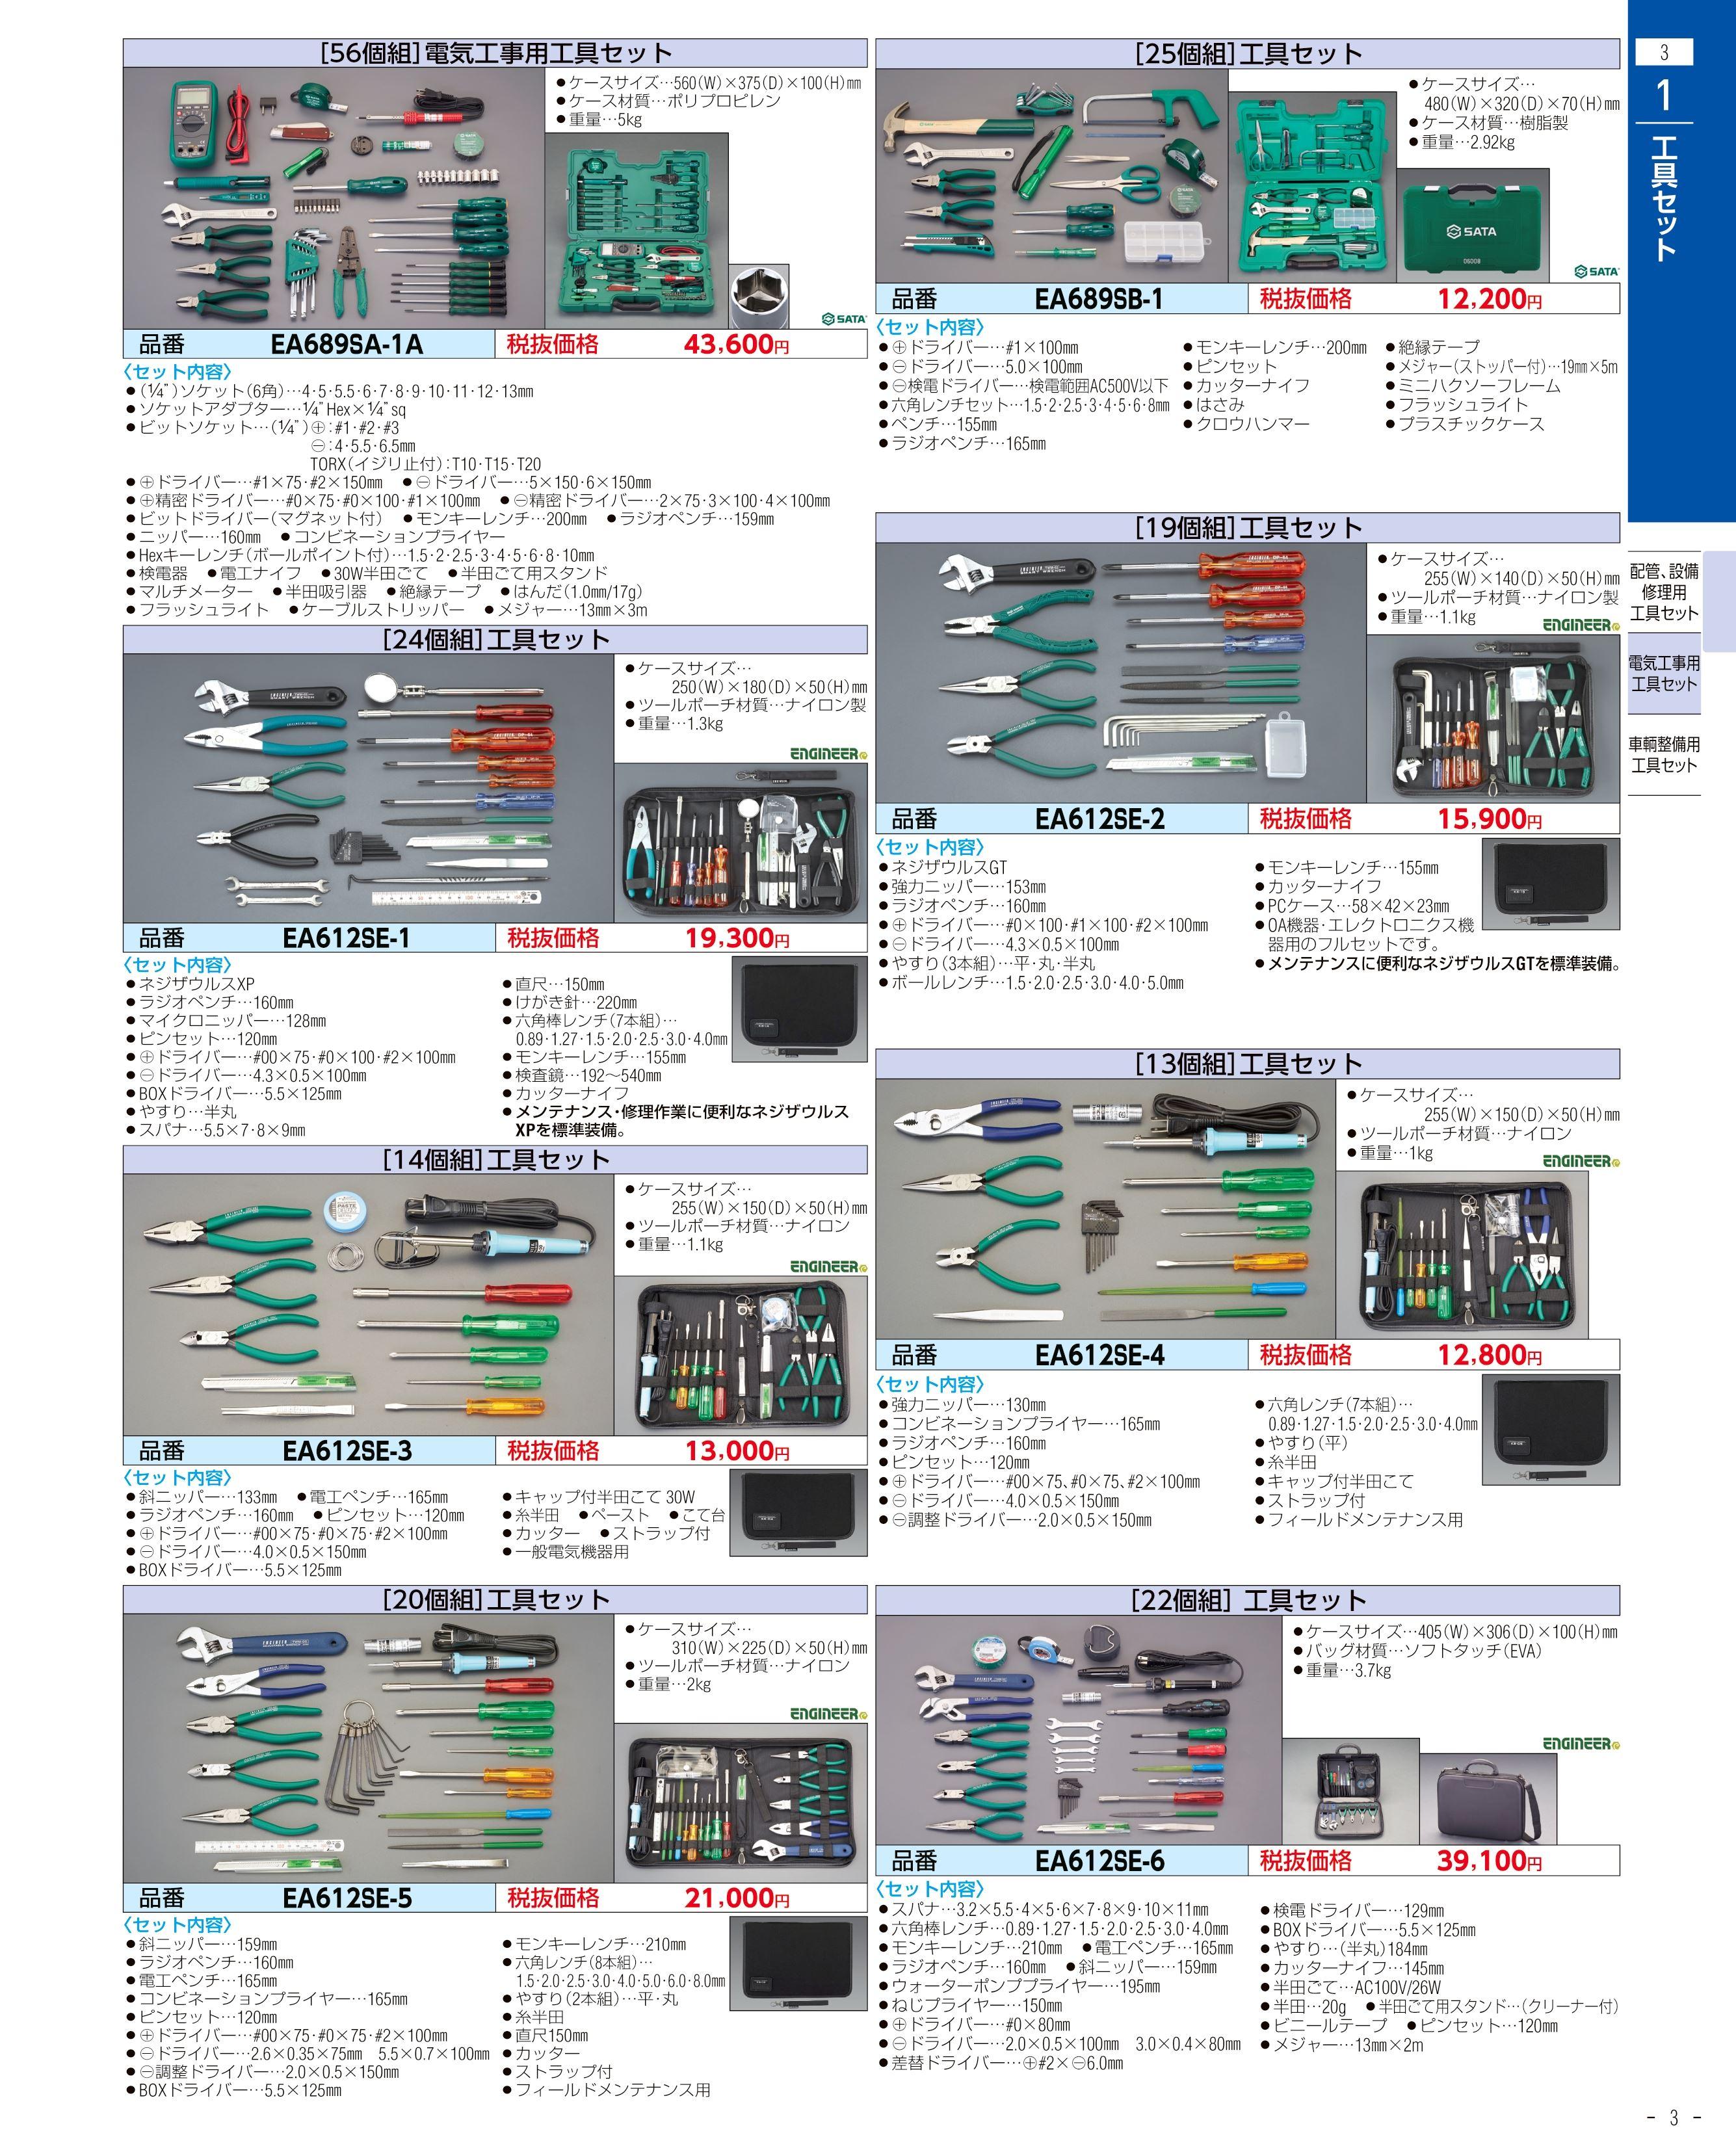 エスコ便利カタログ3ページ